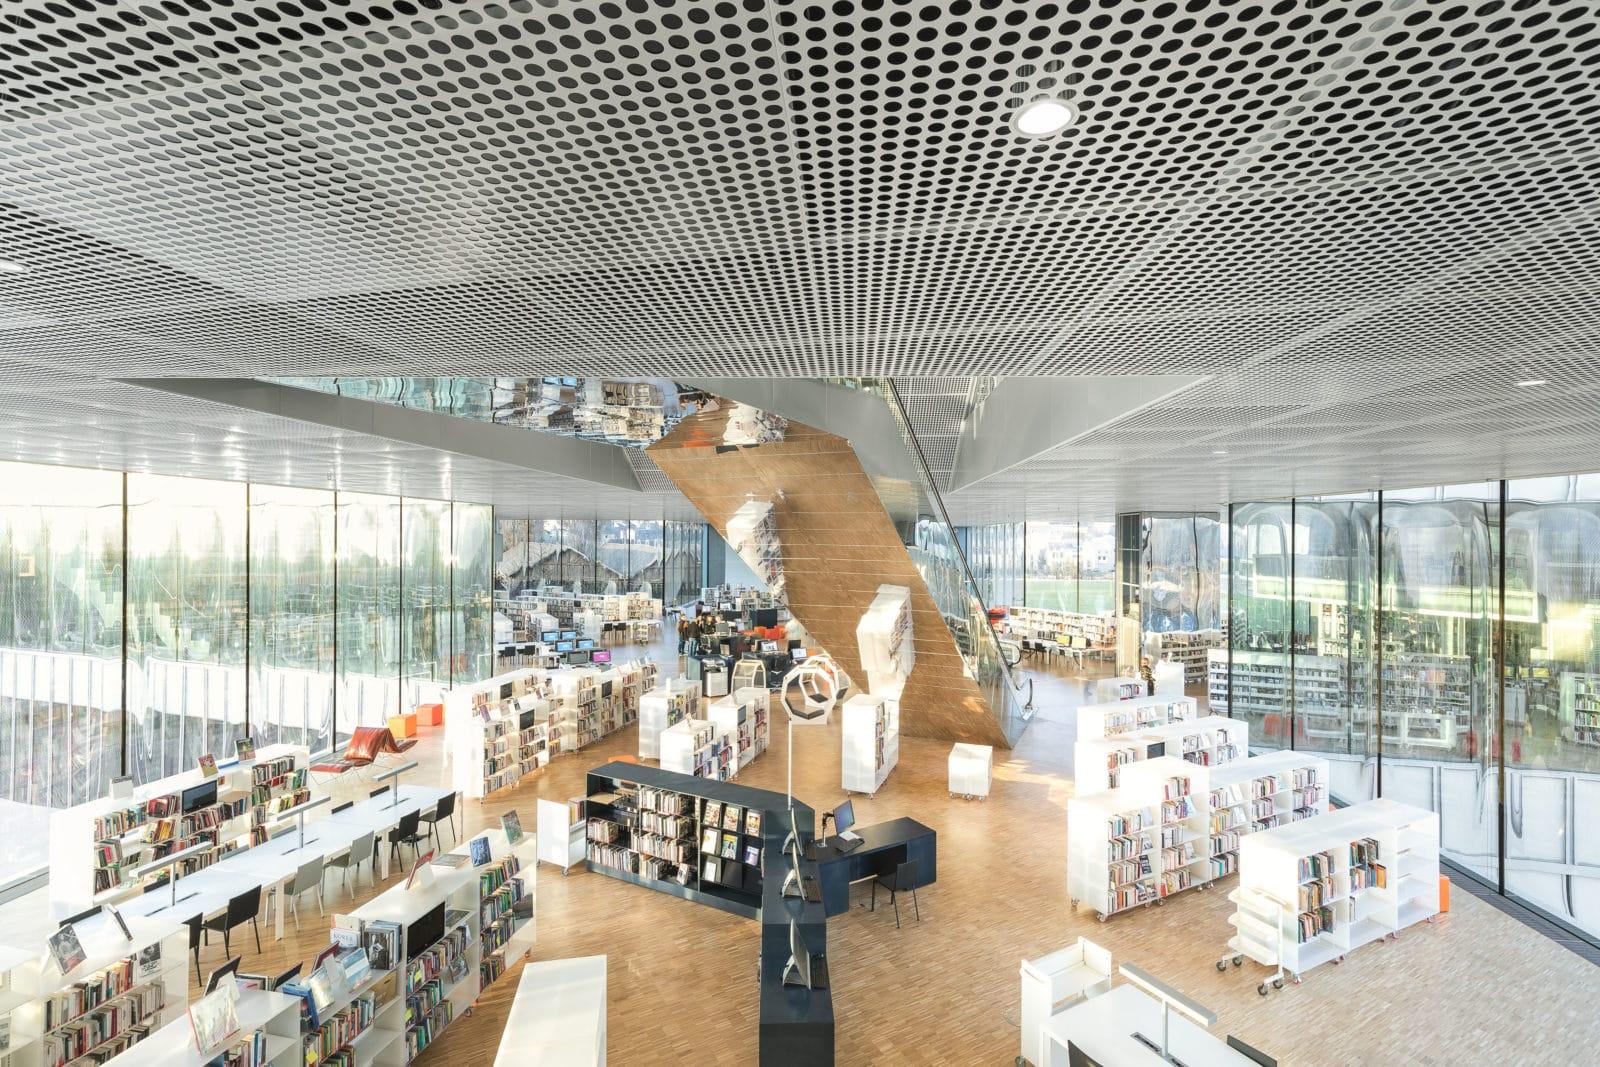 04_Bibliothèque Alexis de Tocqueville_ Photo by Delfino Sisto Legnani and Marco Cappelletti